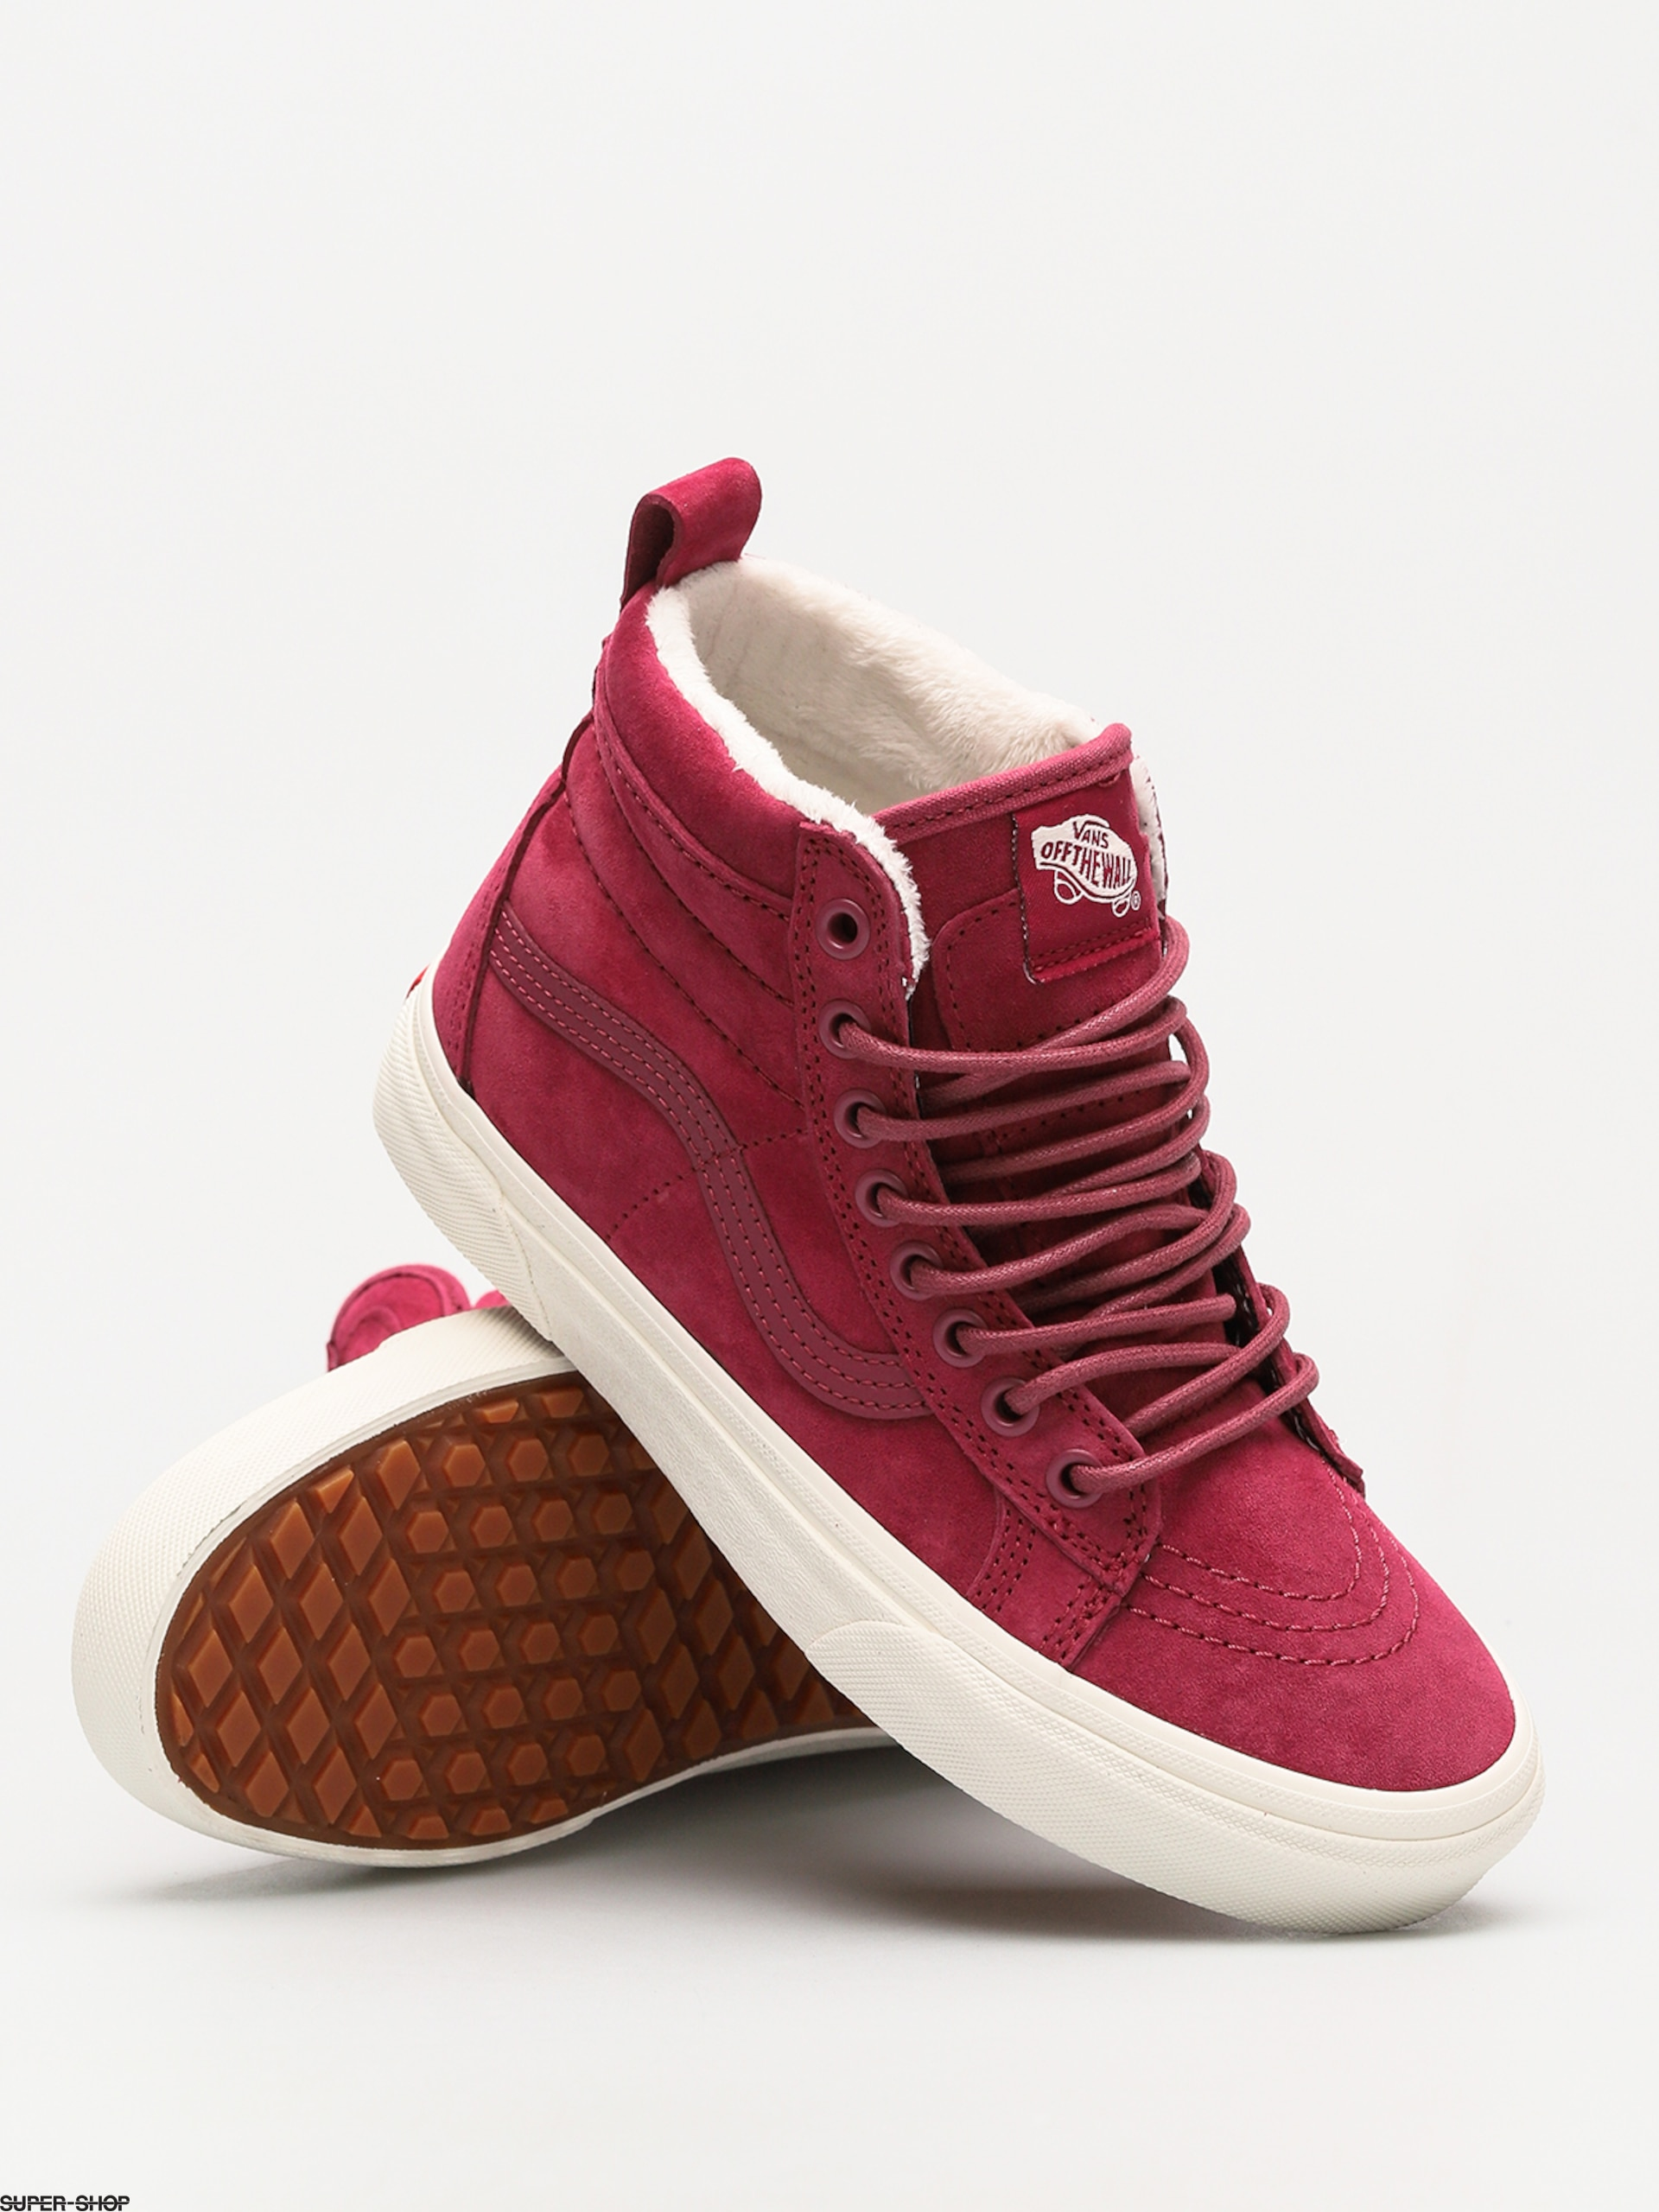 Vans Shoes Sk8 Hi Mte (dry rose marshmallow) 385a823480d